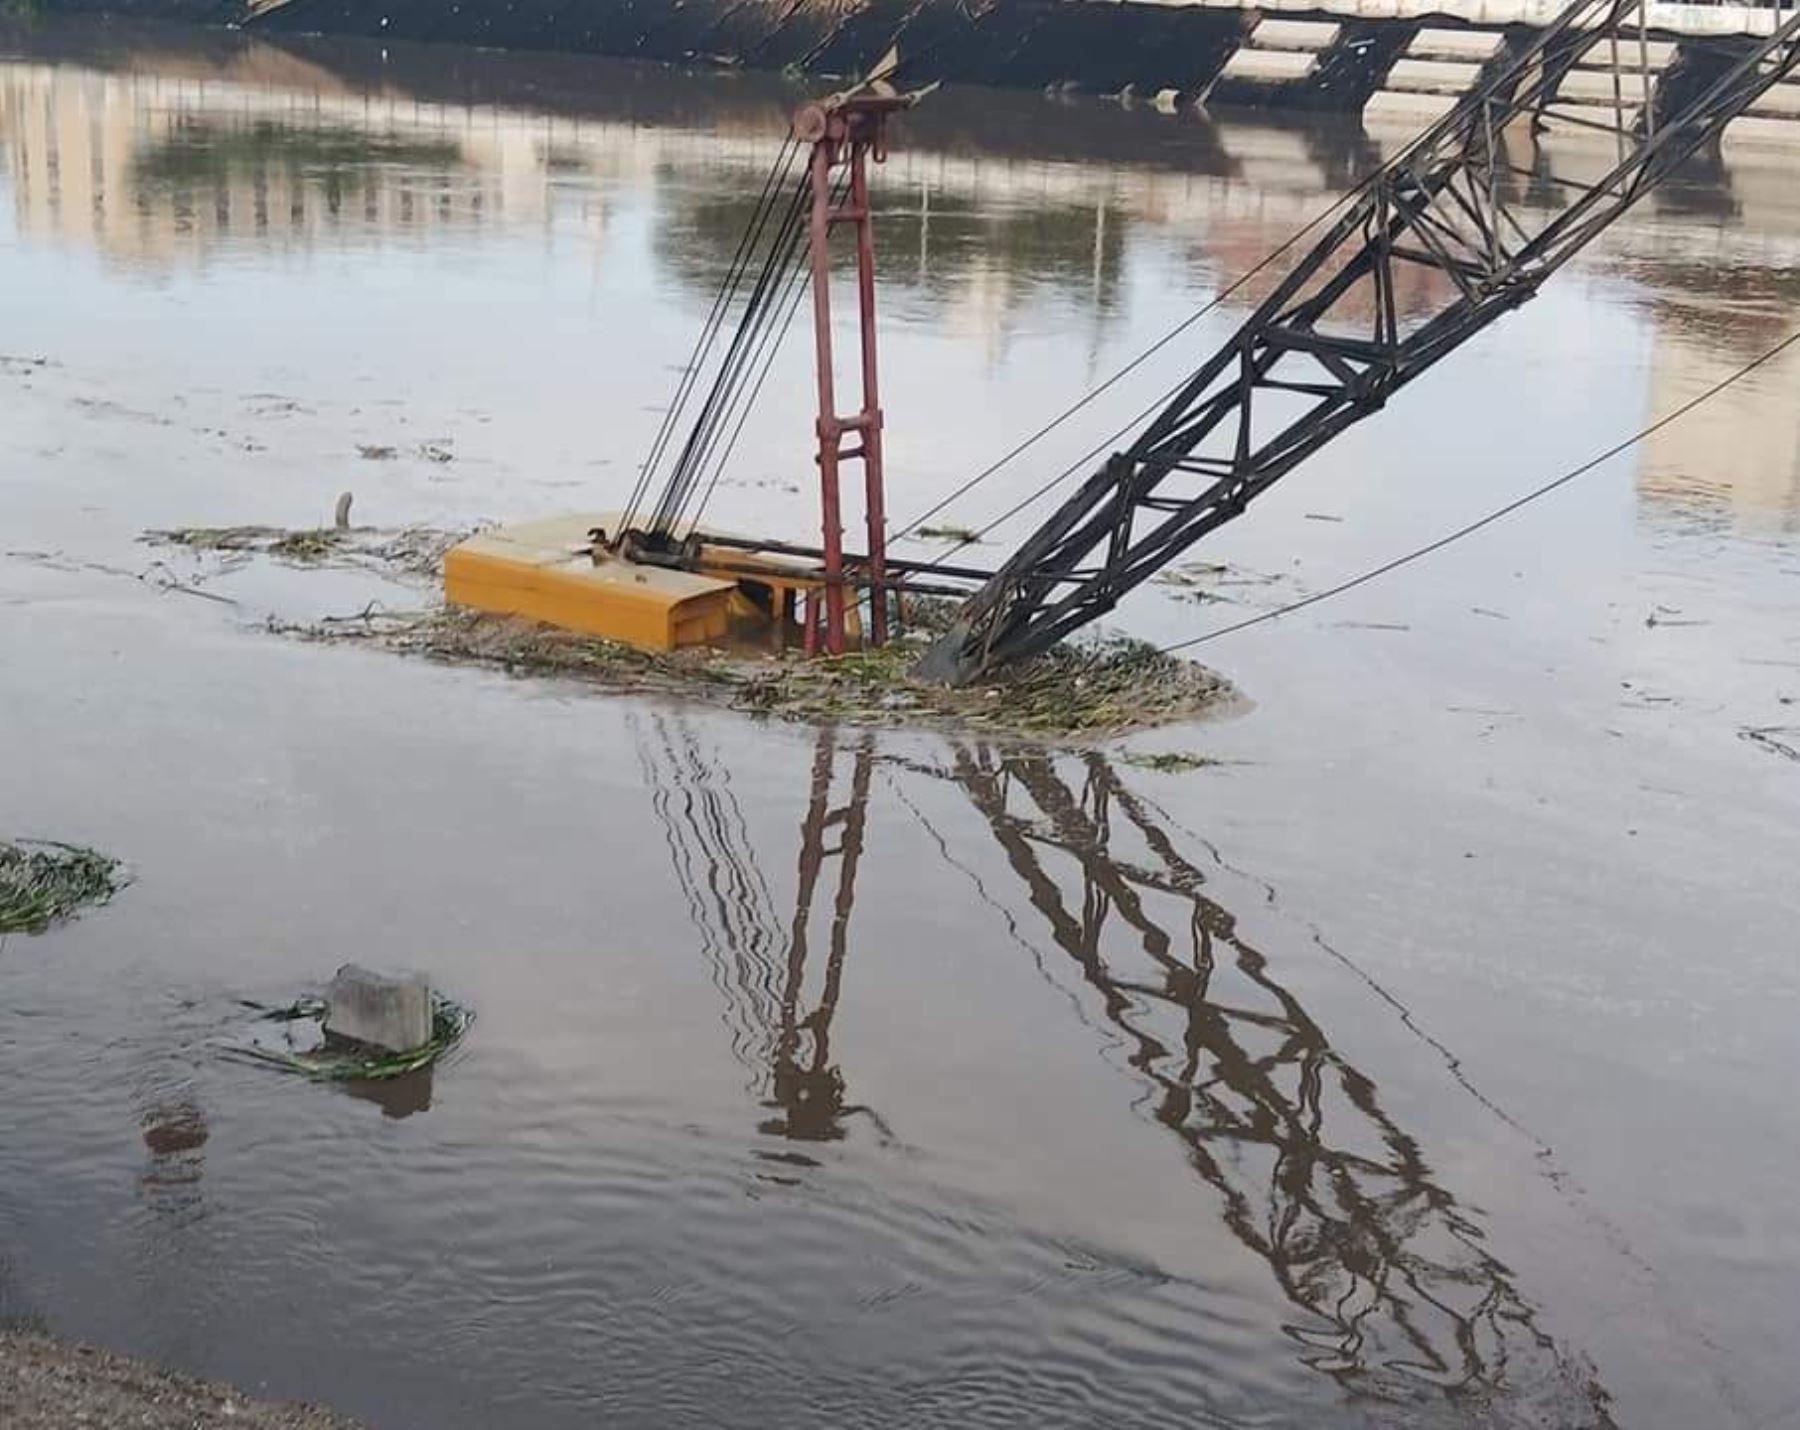 El río Piura registró esta mañana un sorpresivo aumento de caudal a causa de las lluvias intensas y ese evento provocó que fuera arrasada la maquinaria pesada que se encontraba en el cauce. Foto: Noticias Piura 3.0/Facebook